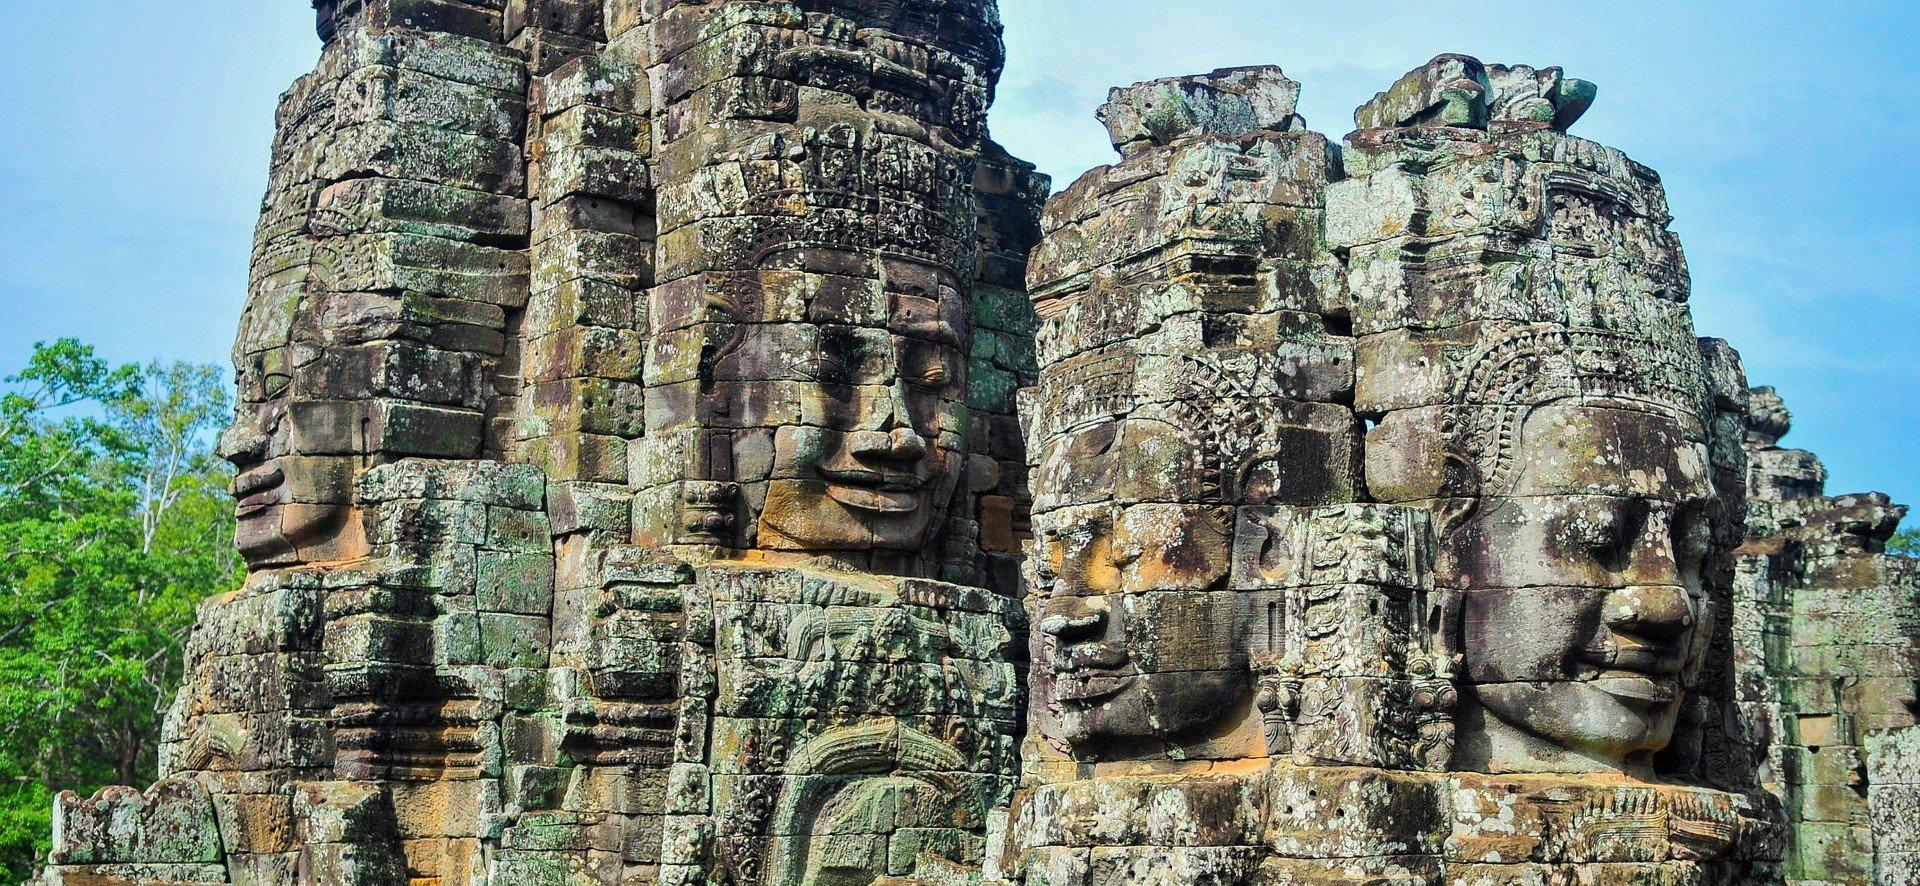 Angkor Wat is 152 km from Aranyaprathet